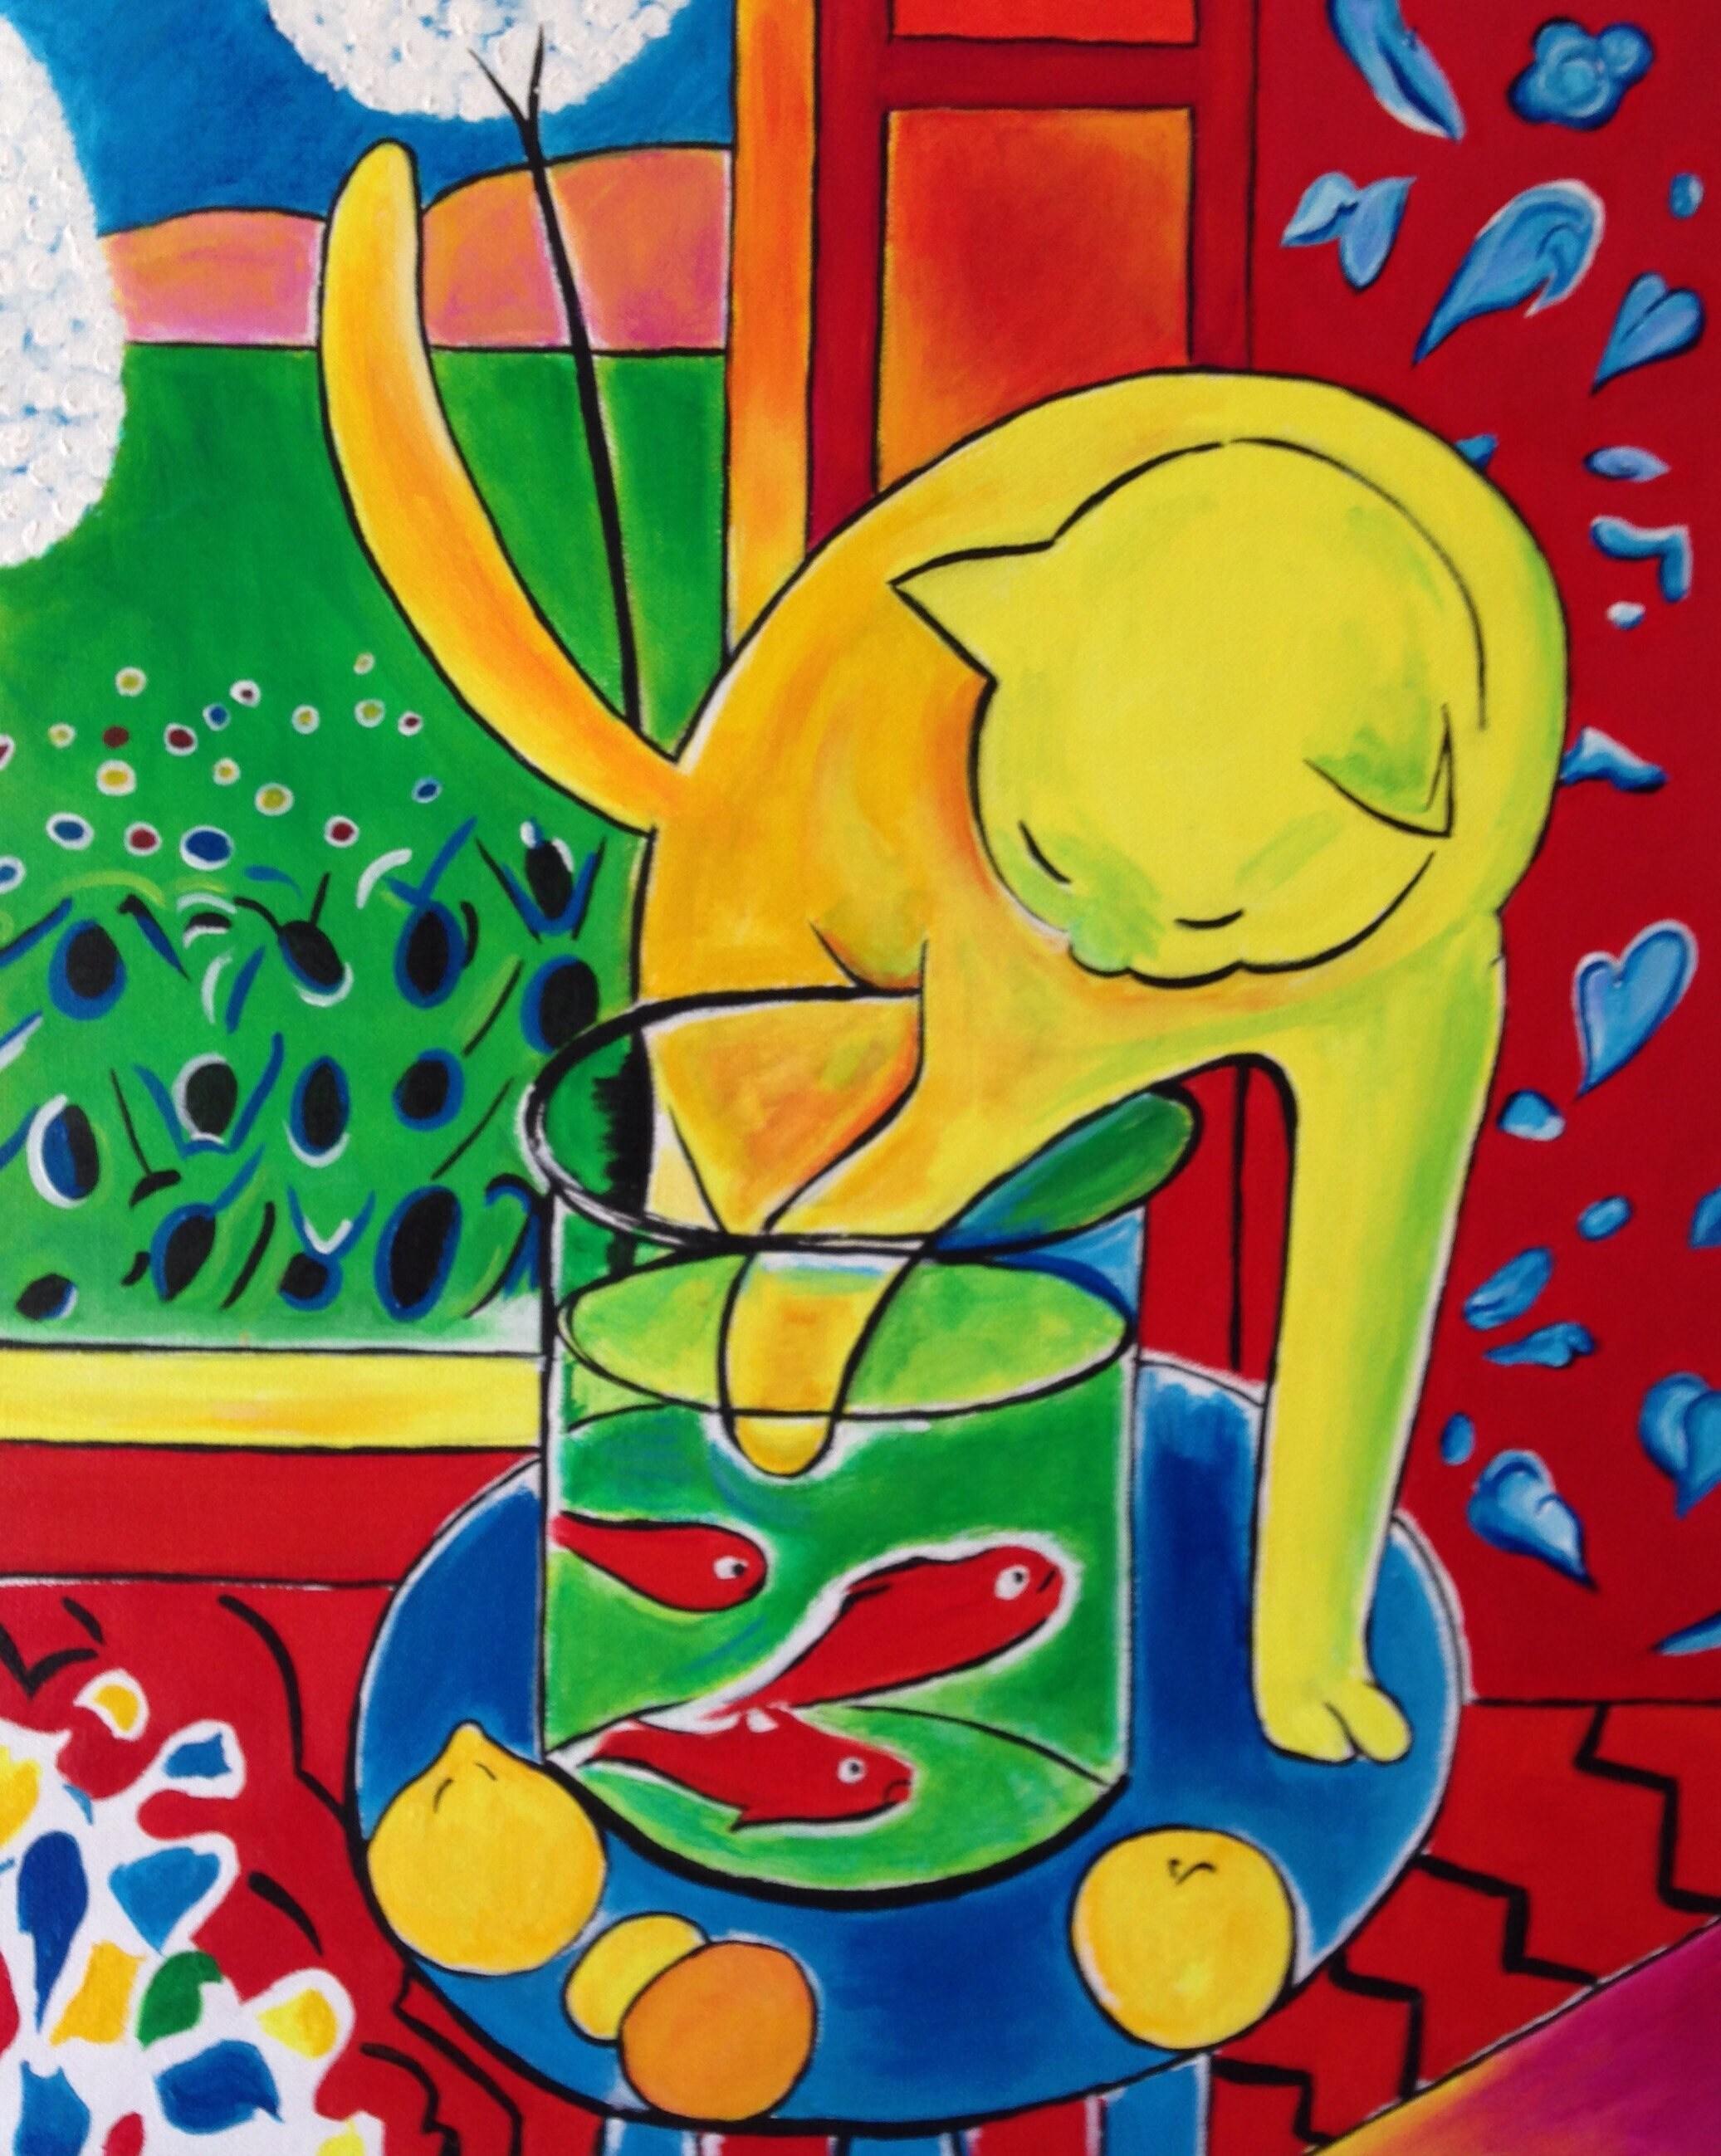 Henri Matisse pintado a mano el gato con la reproducción de